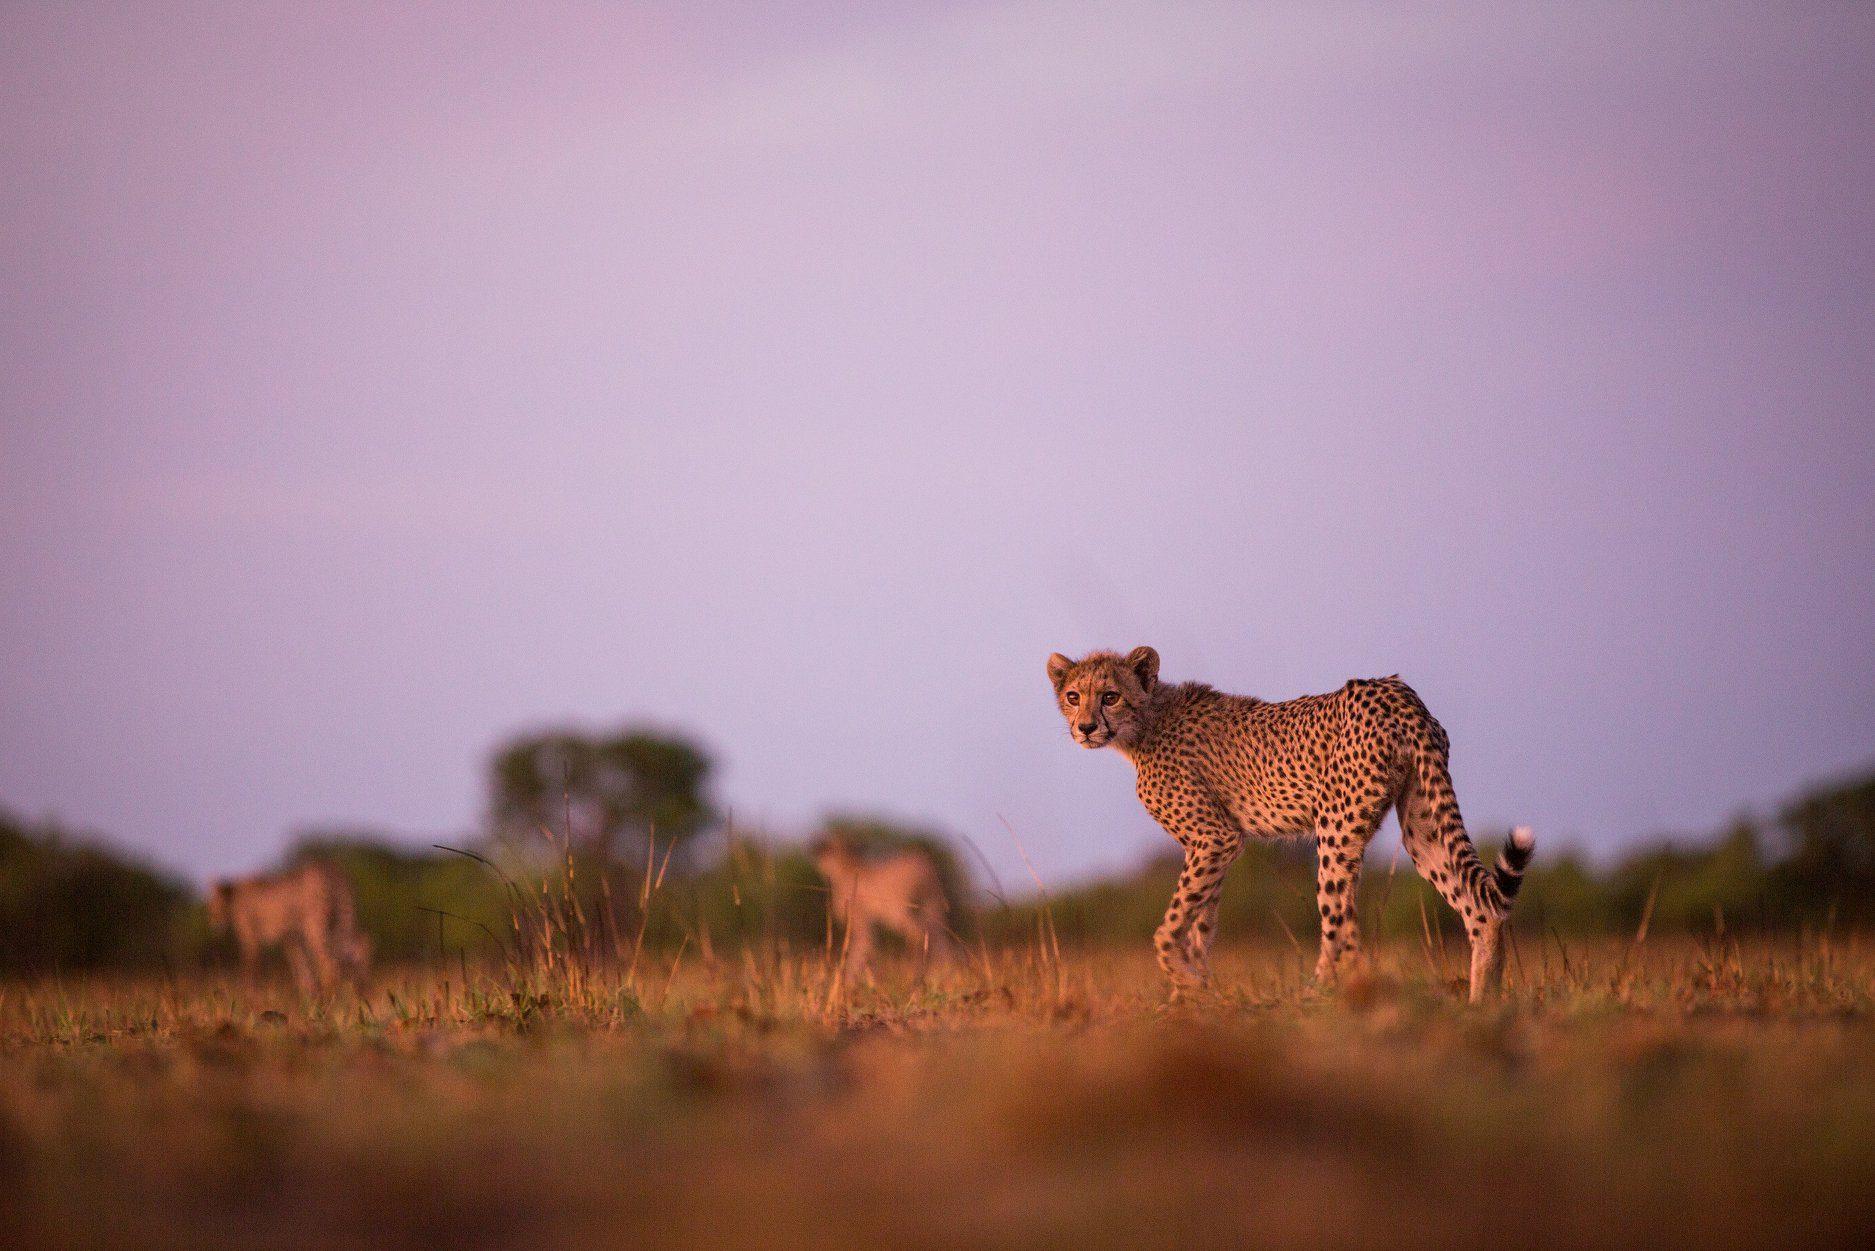 cheetah on the plains